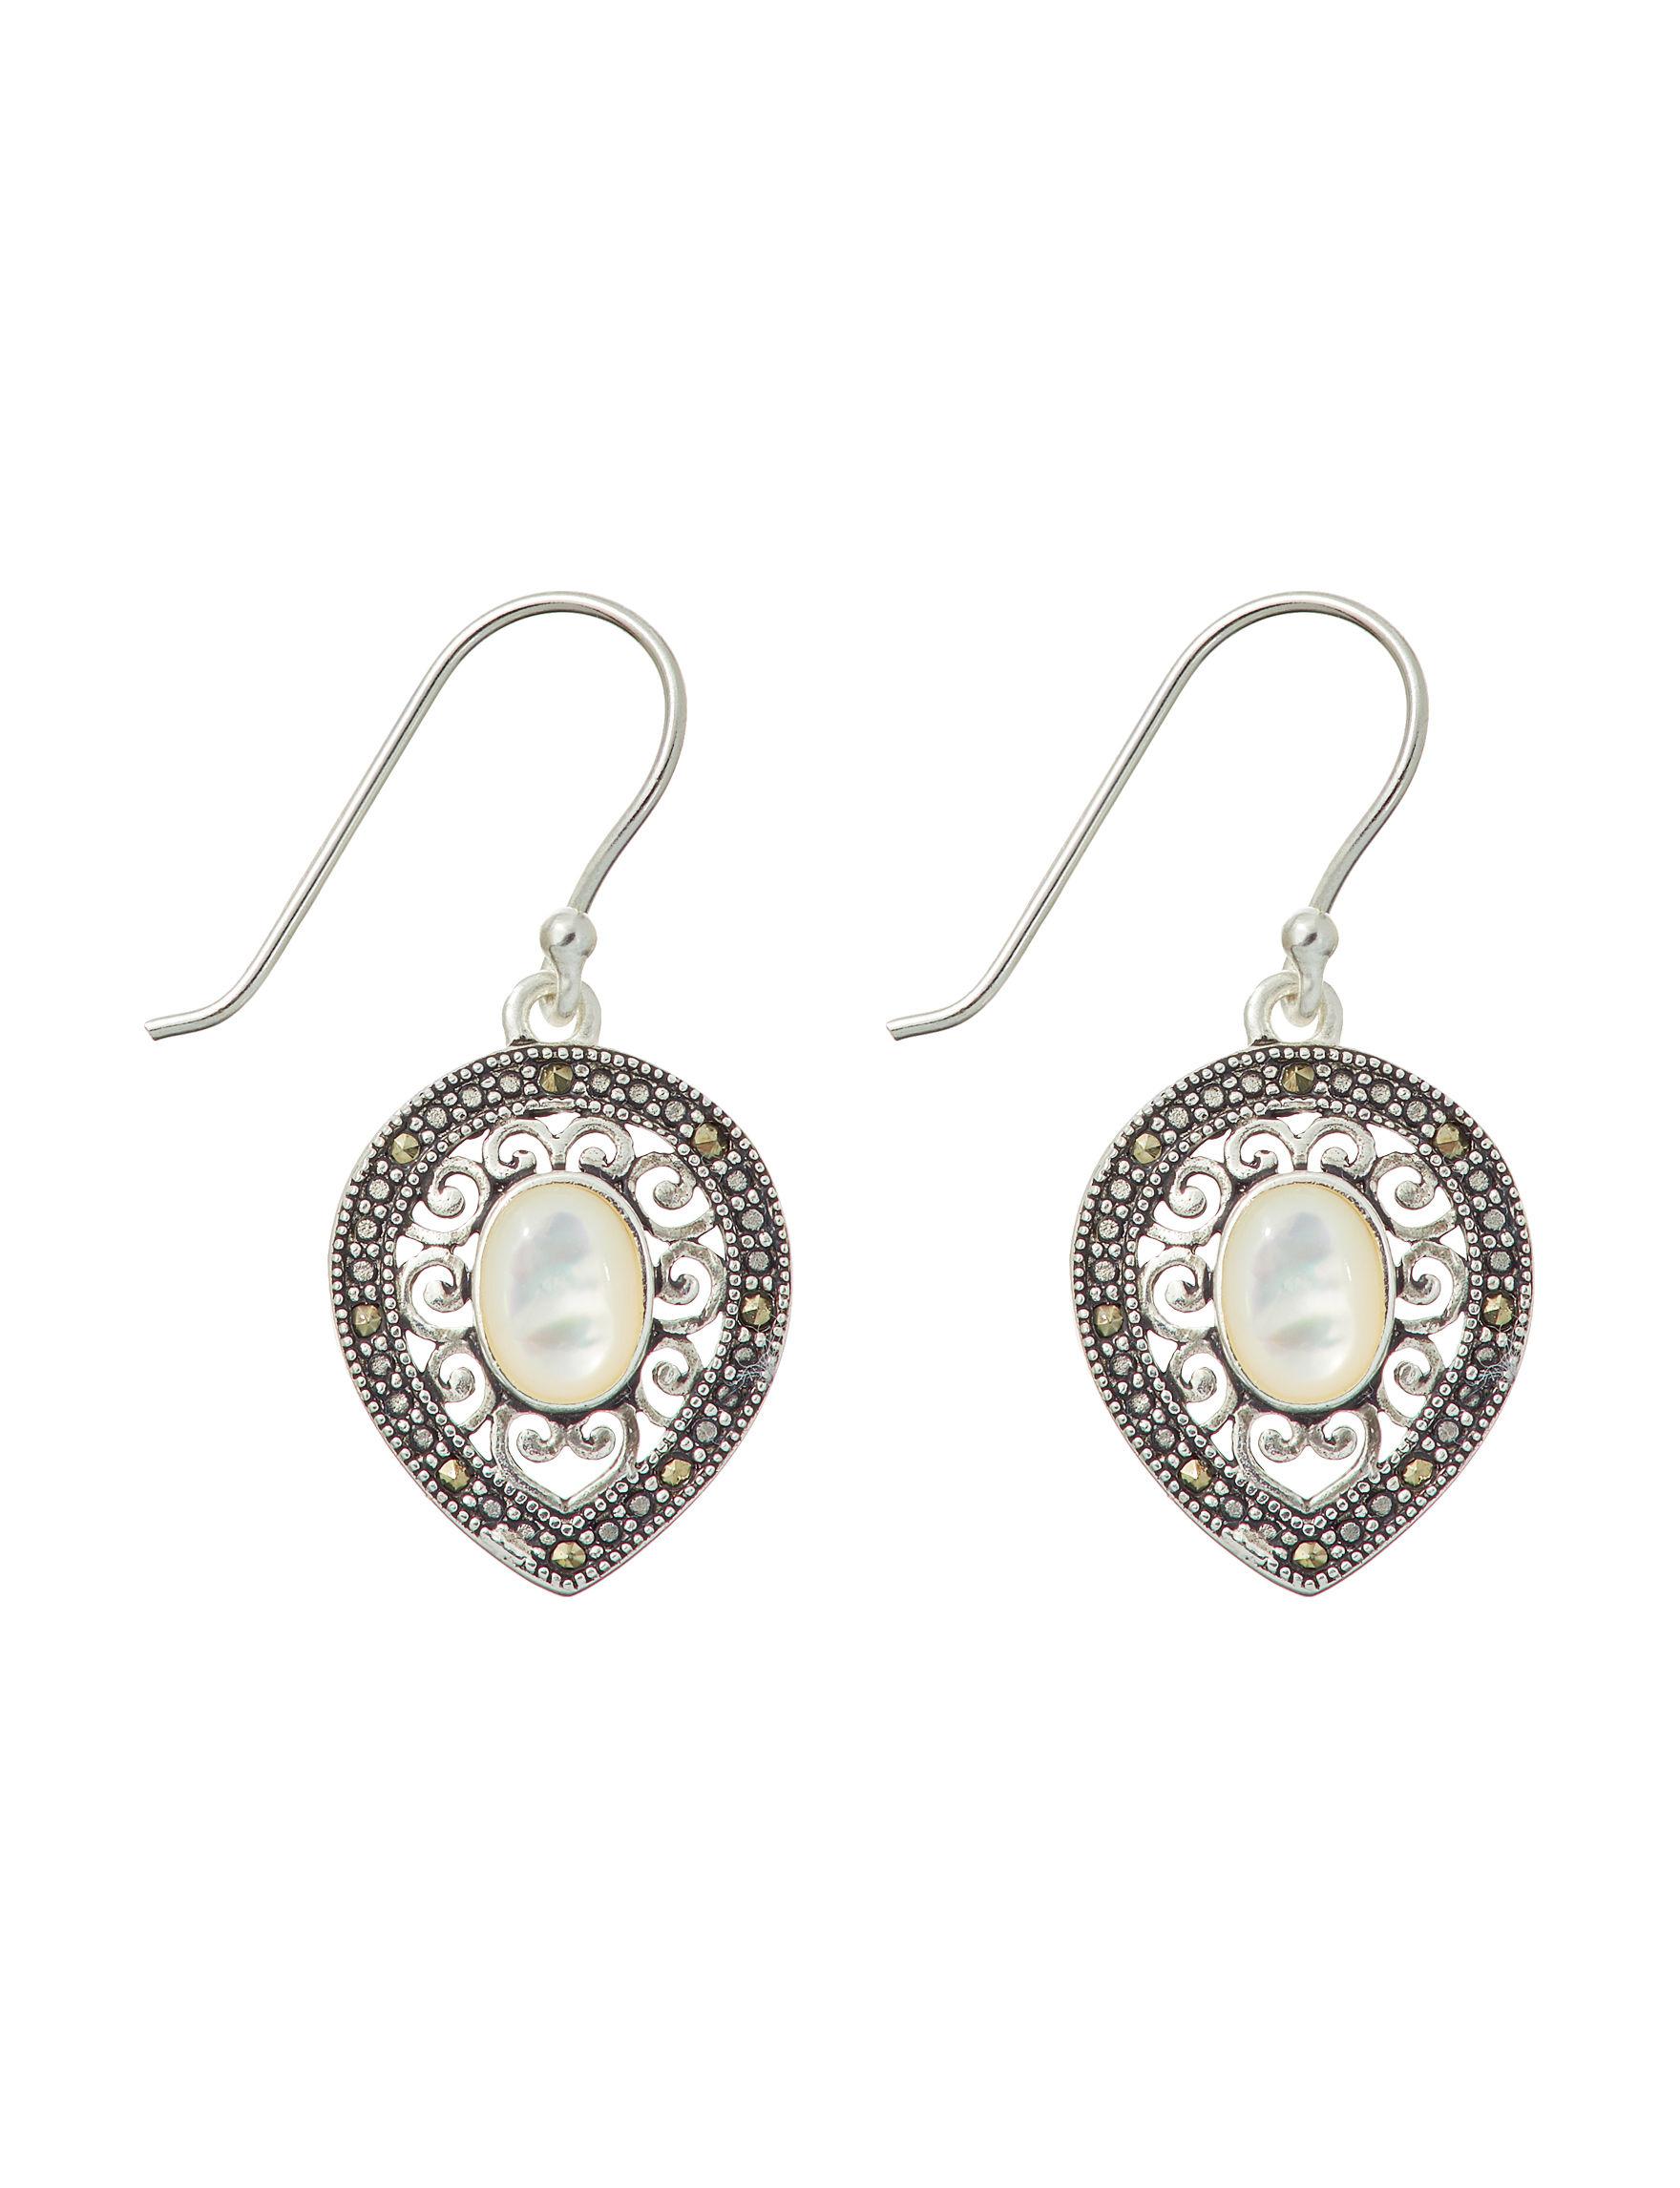 Marsala Silver / Multi Drops Earrings Fine Jewelry